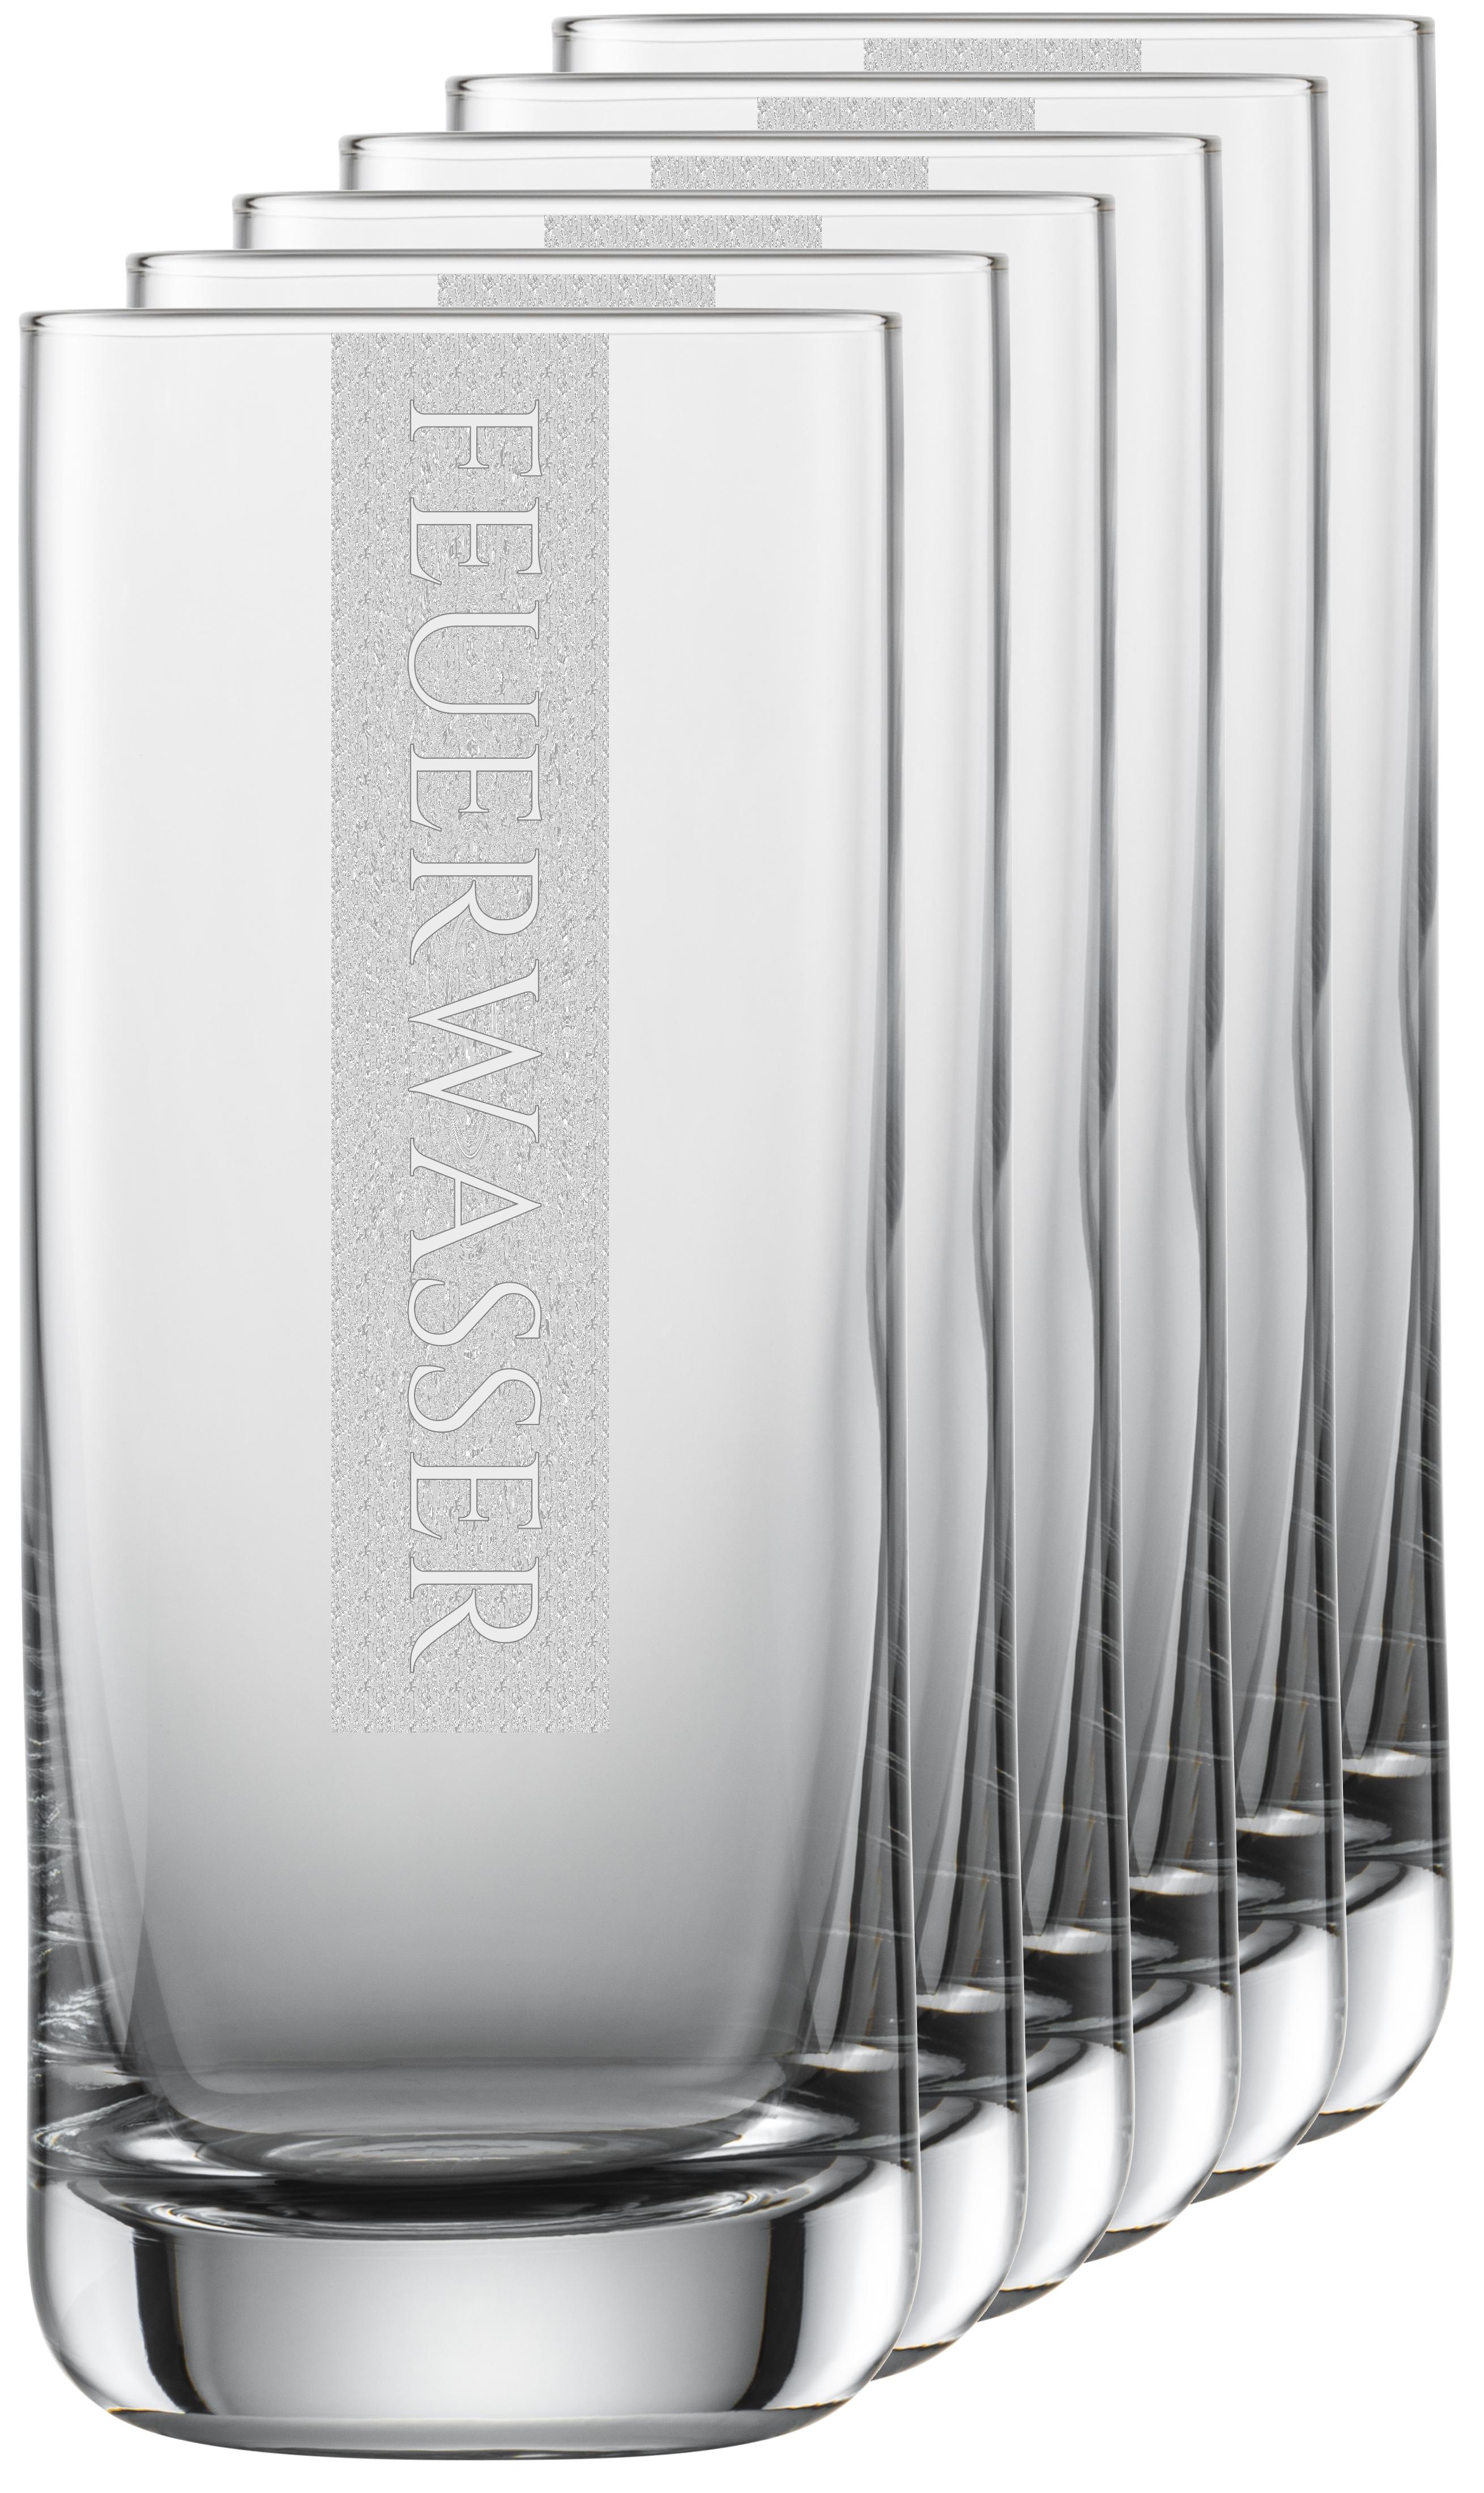 FEUERWASSER Gläser   6 Stück 390ml Schott Longdrinkglas   CoolGlas